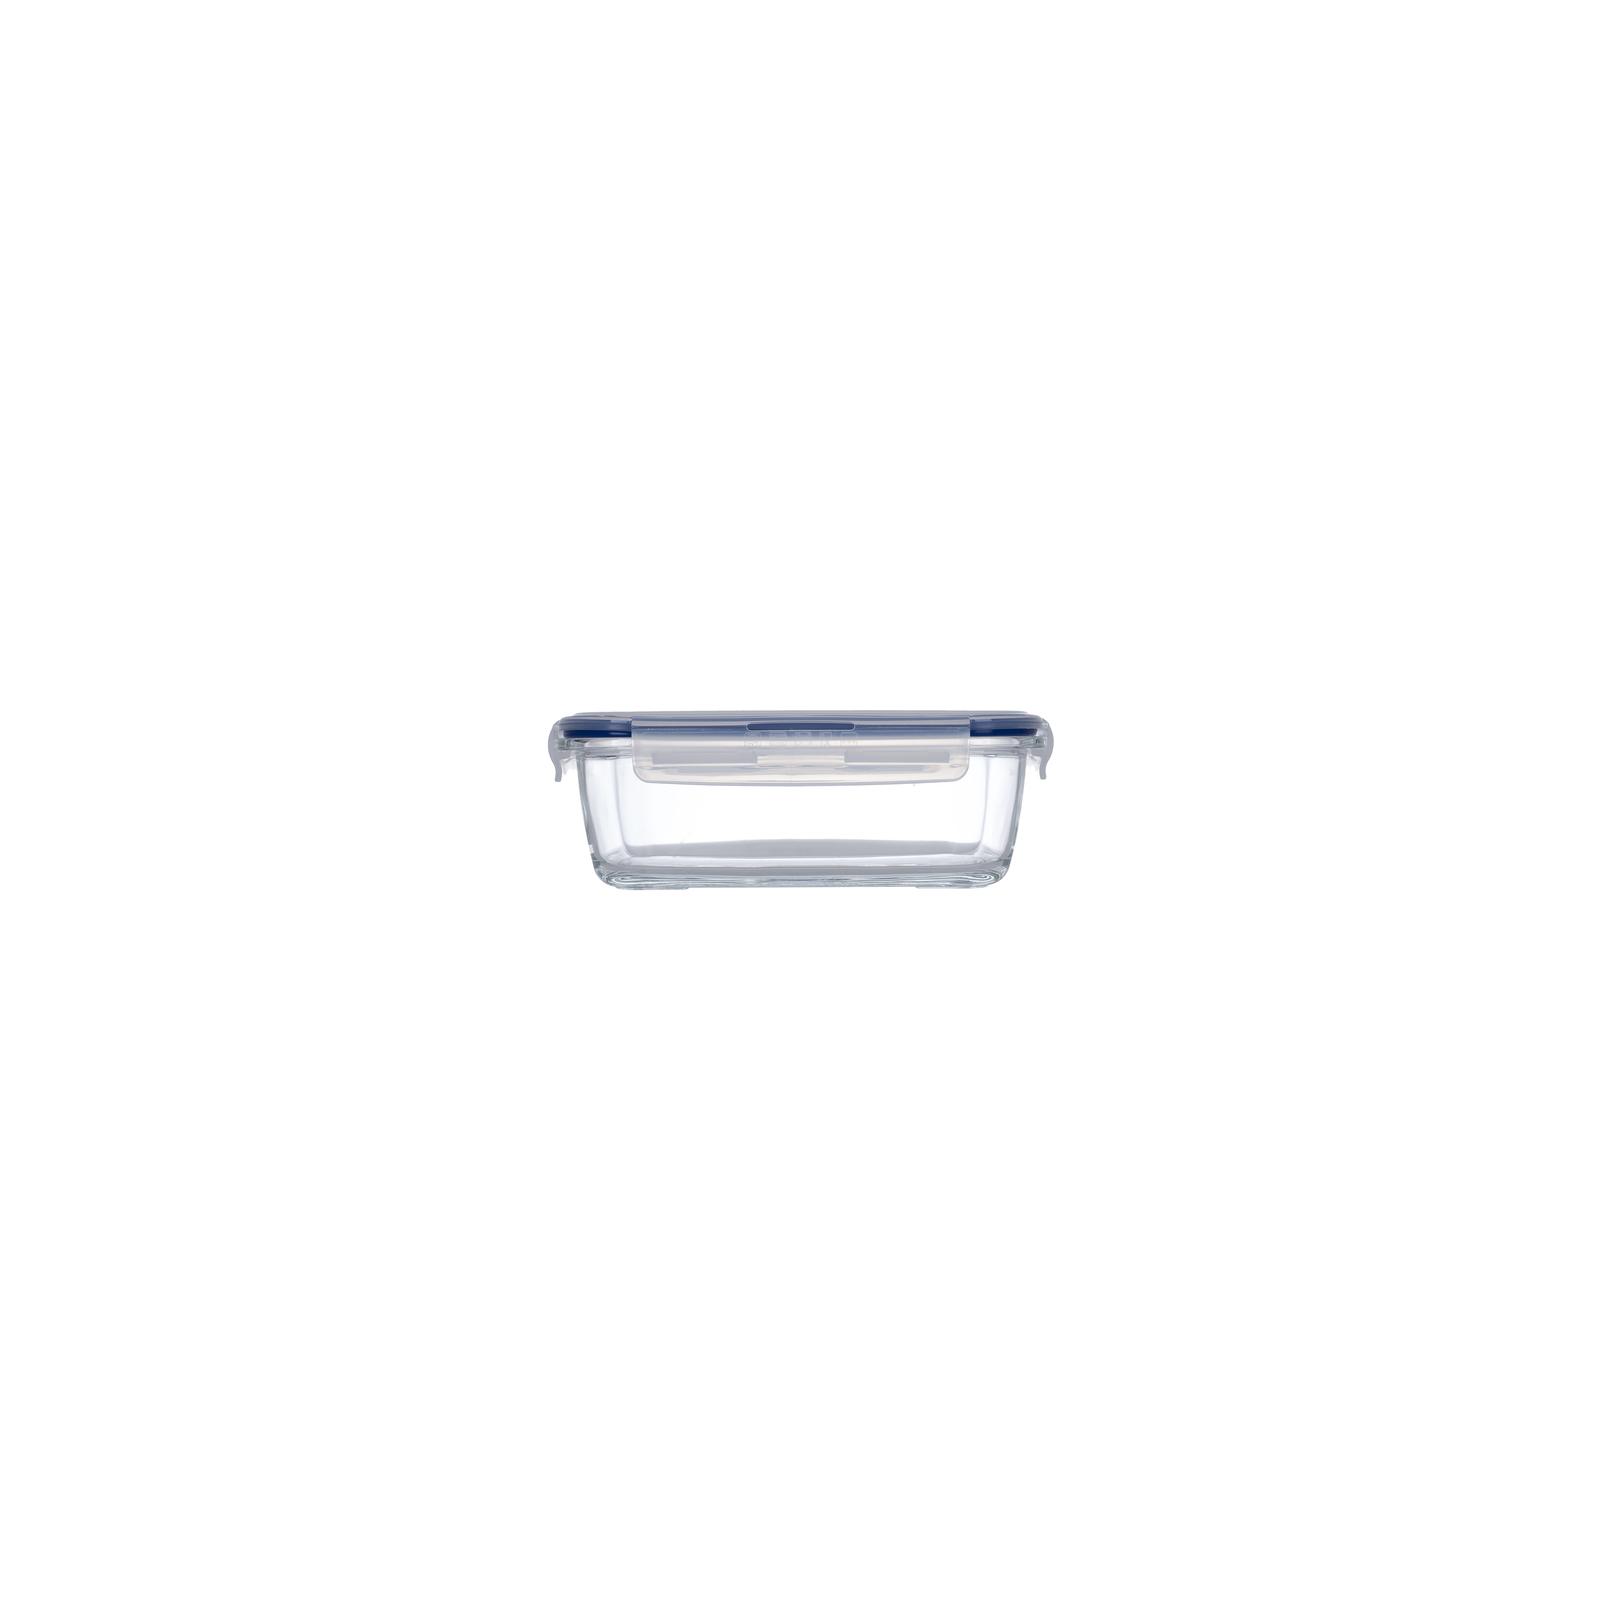 Пищевой контейнер Luminarc Pure Box Active прямоуг. 1220 мл (P3548) изображение 3